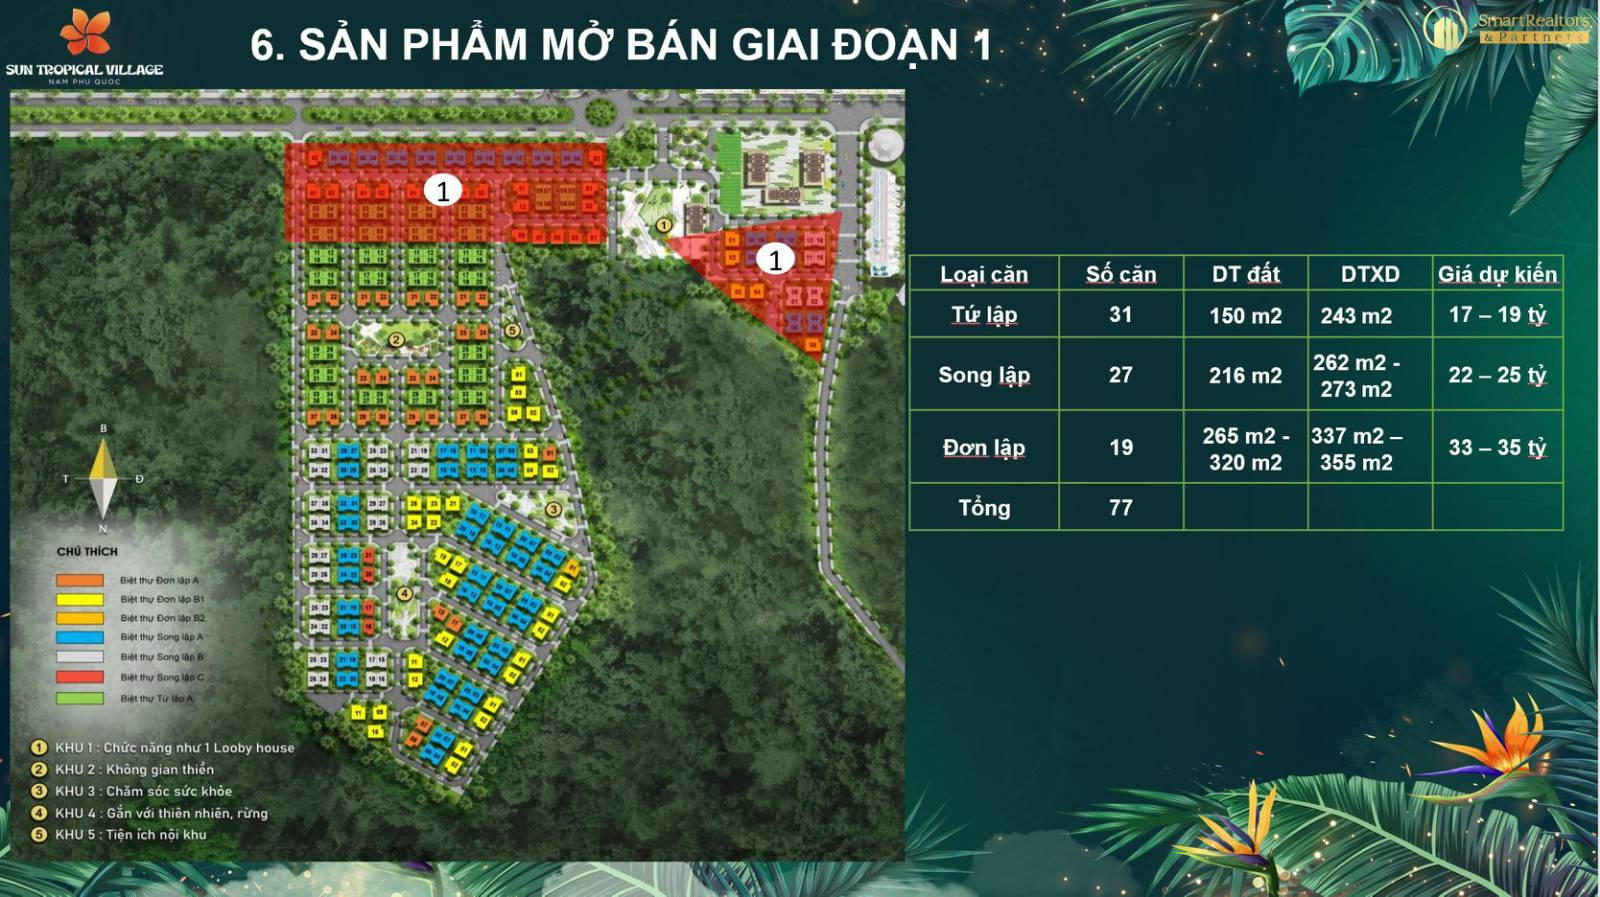 Giá bán Sun Tropical Village